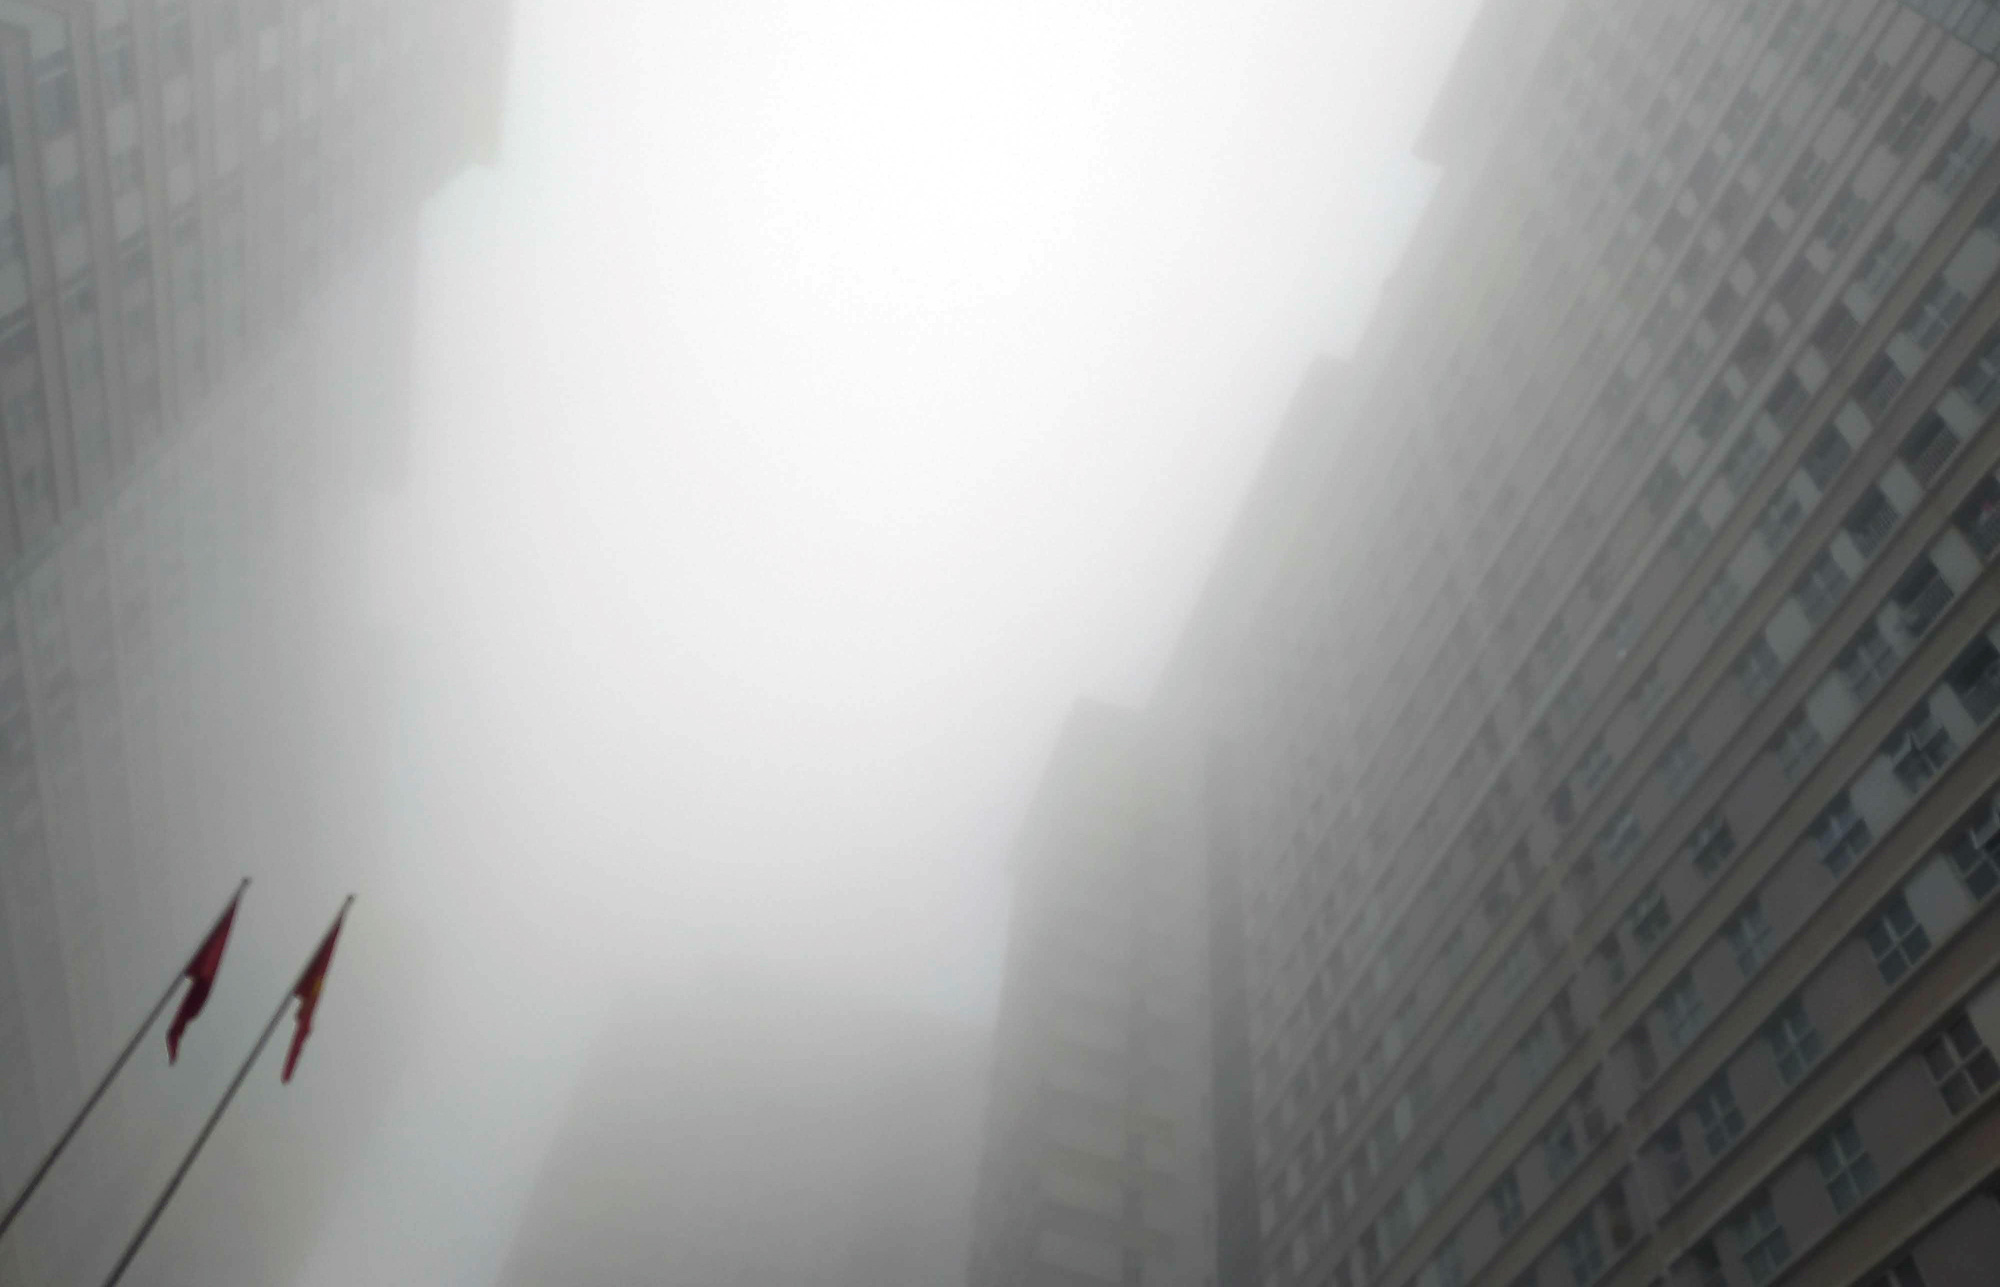 Hà Nội chìm trong sương mù giữa dịch virus corona - Ảnh 11.